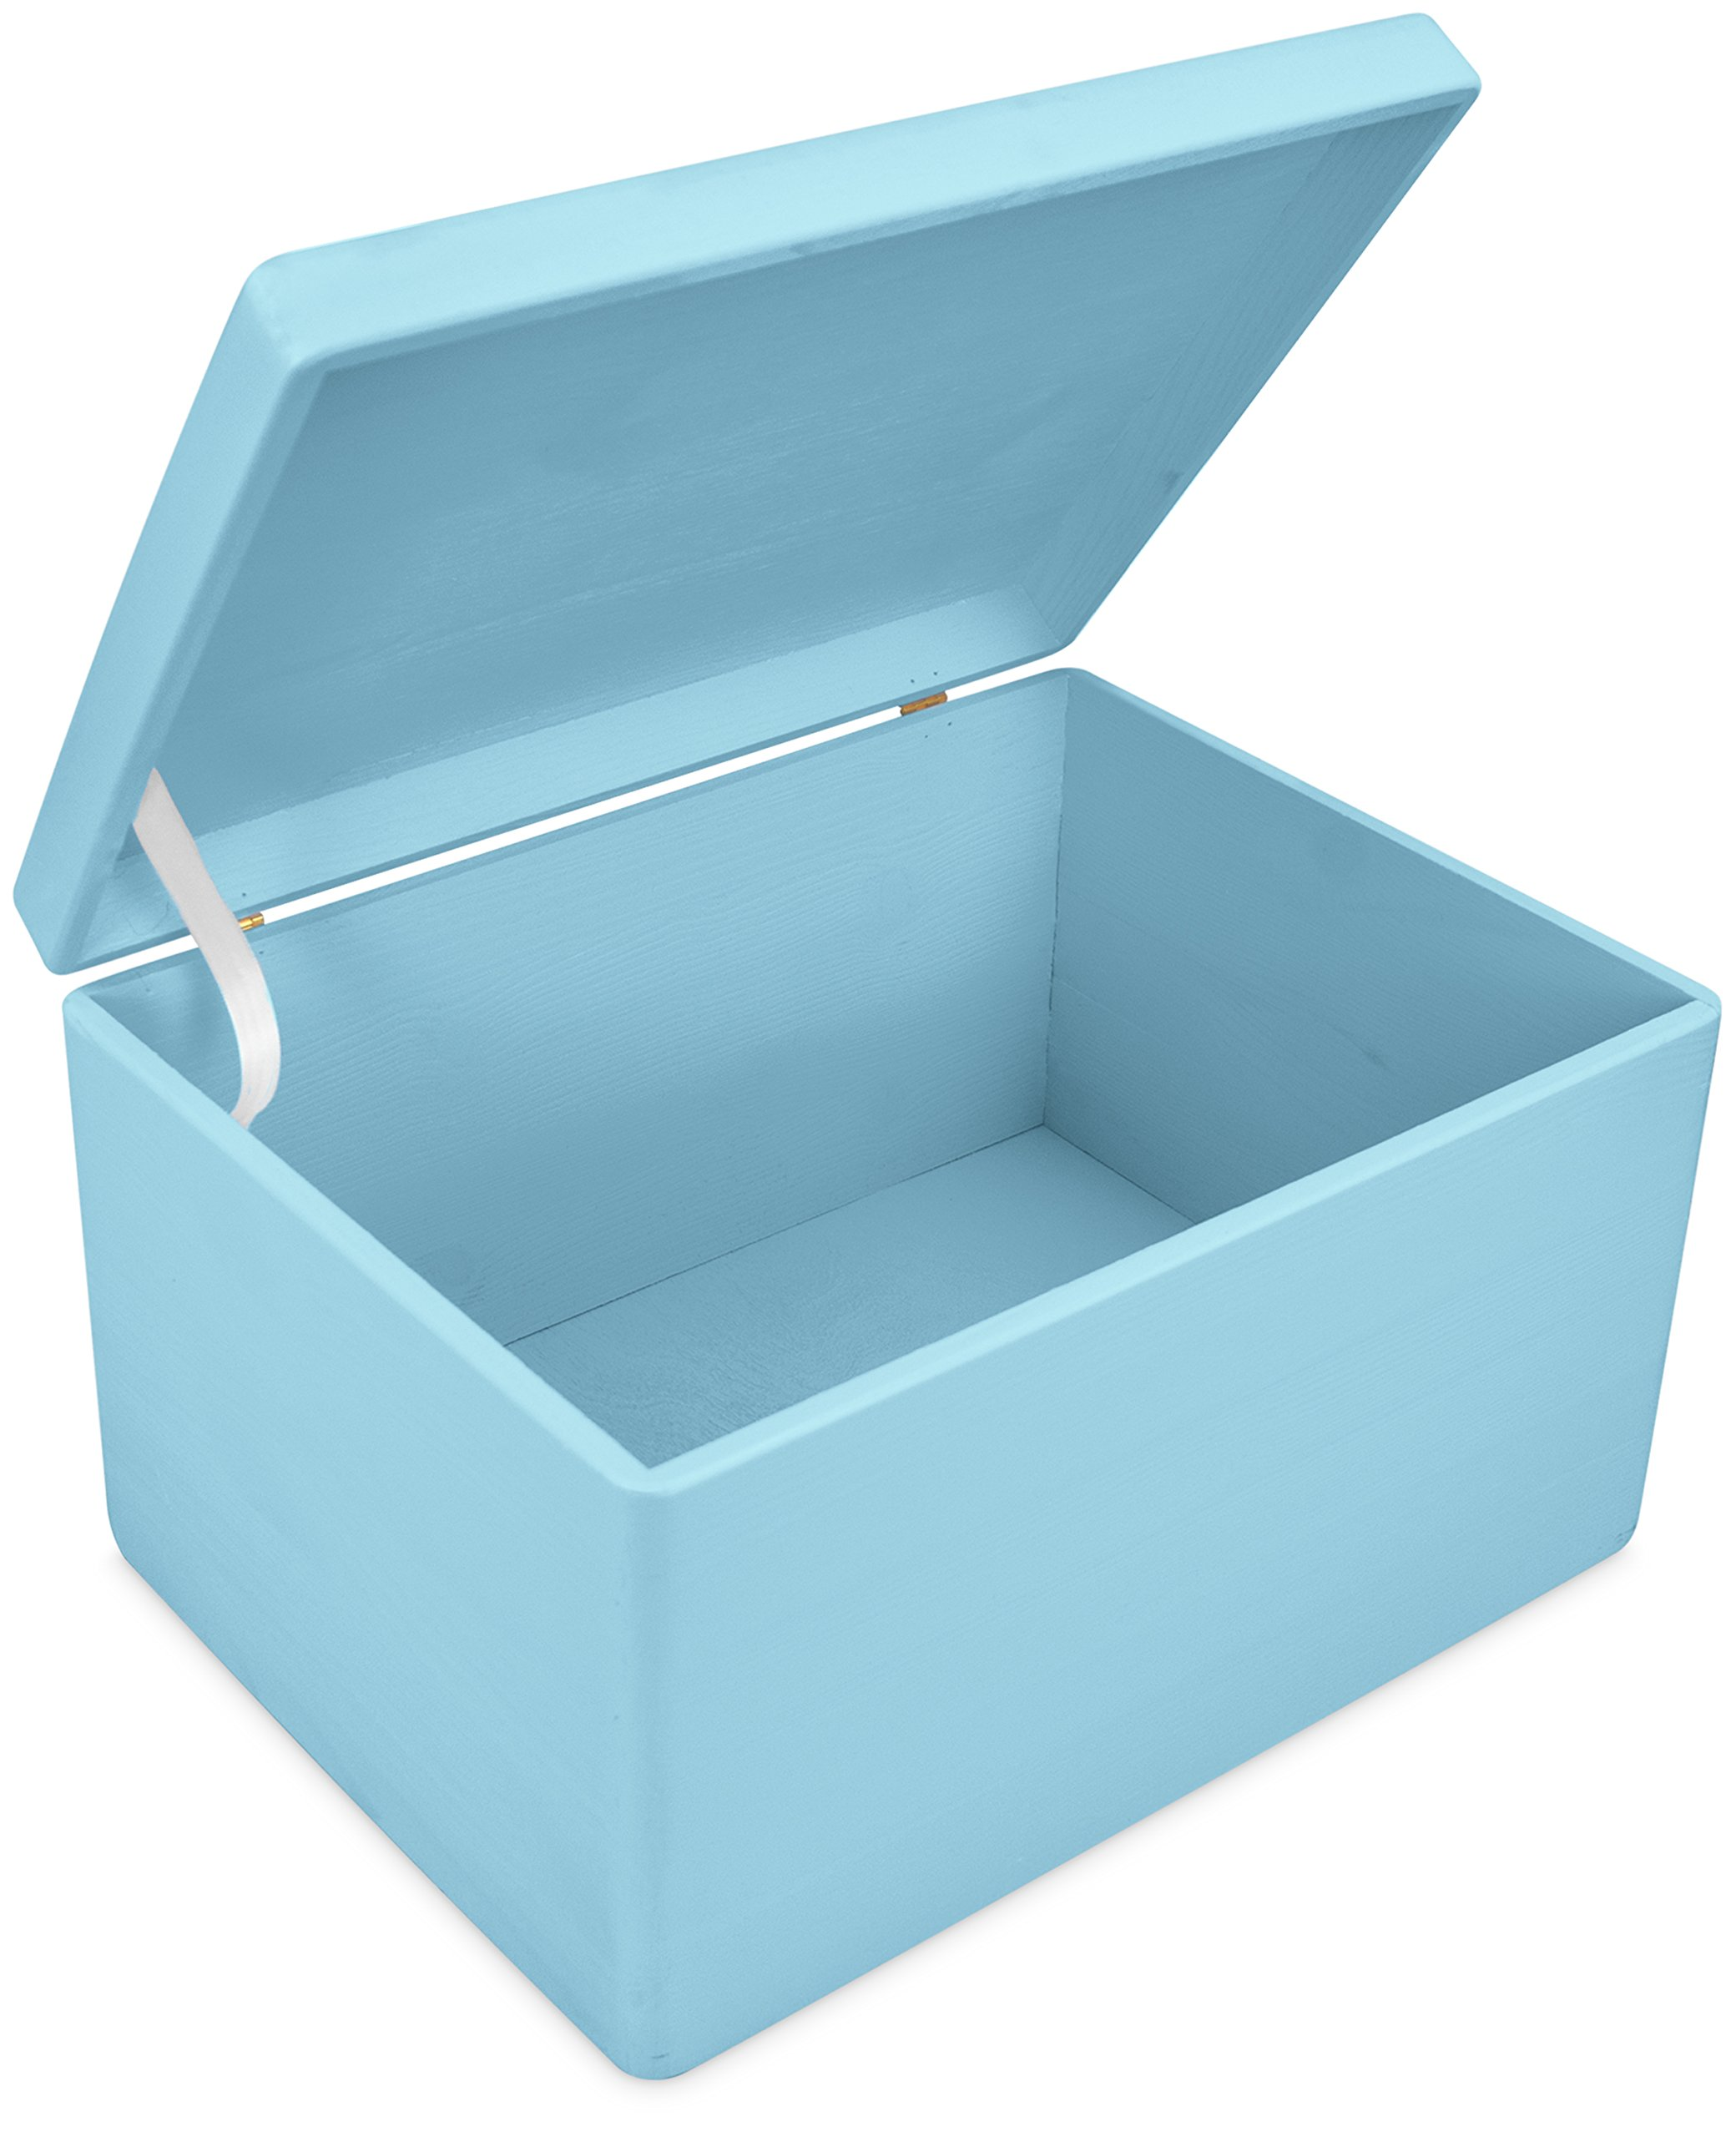 LAUBLUST Große Holzkiste mit Deckel - 40x30x24cm, Blau, FSC® | Allzweck-Kiste aus Holz - Aufbewahrungskiste | Spielzeug…